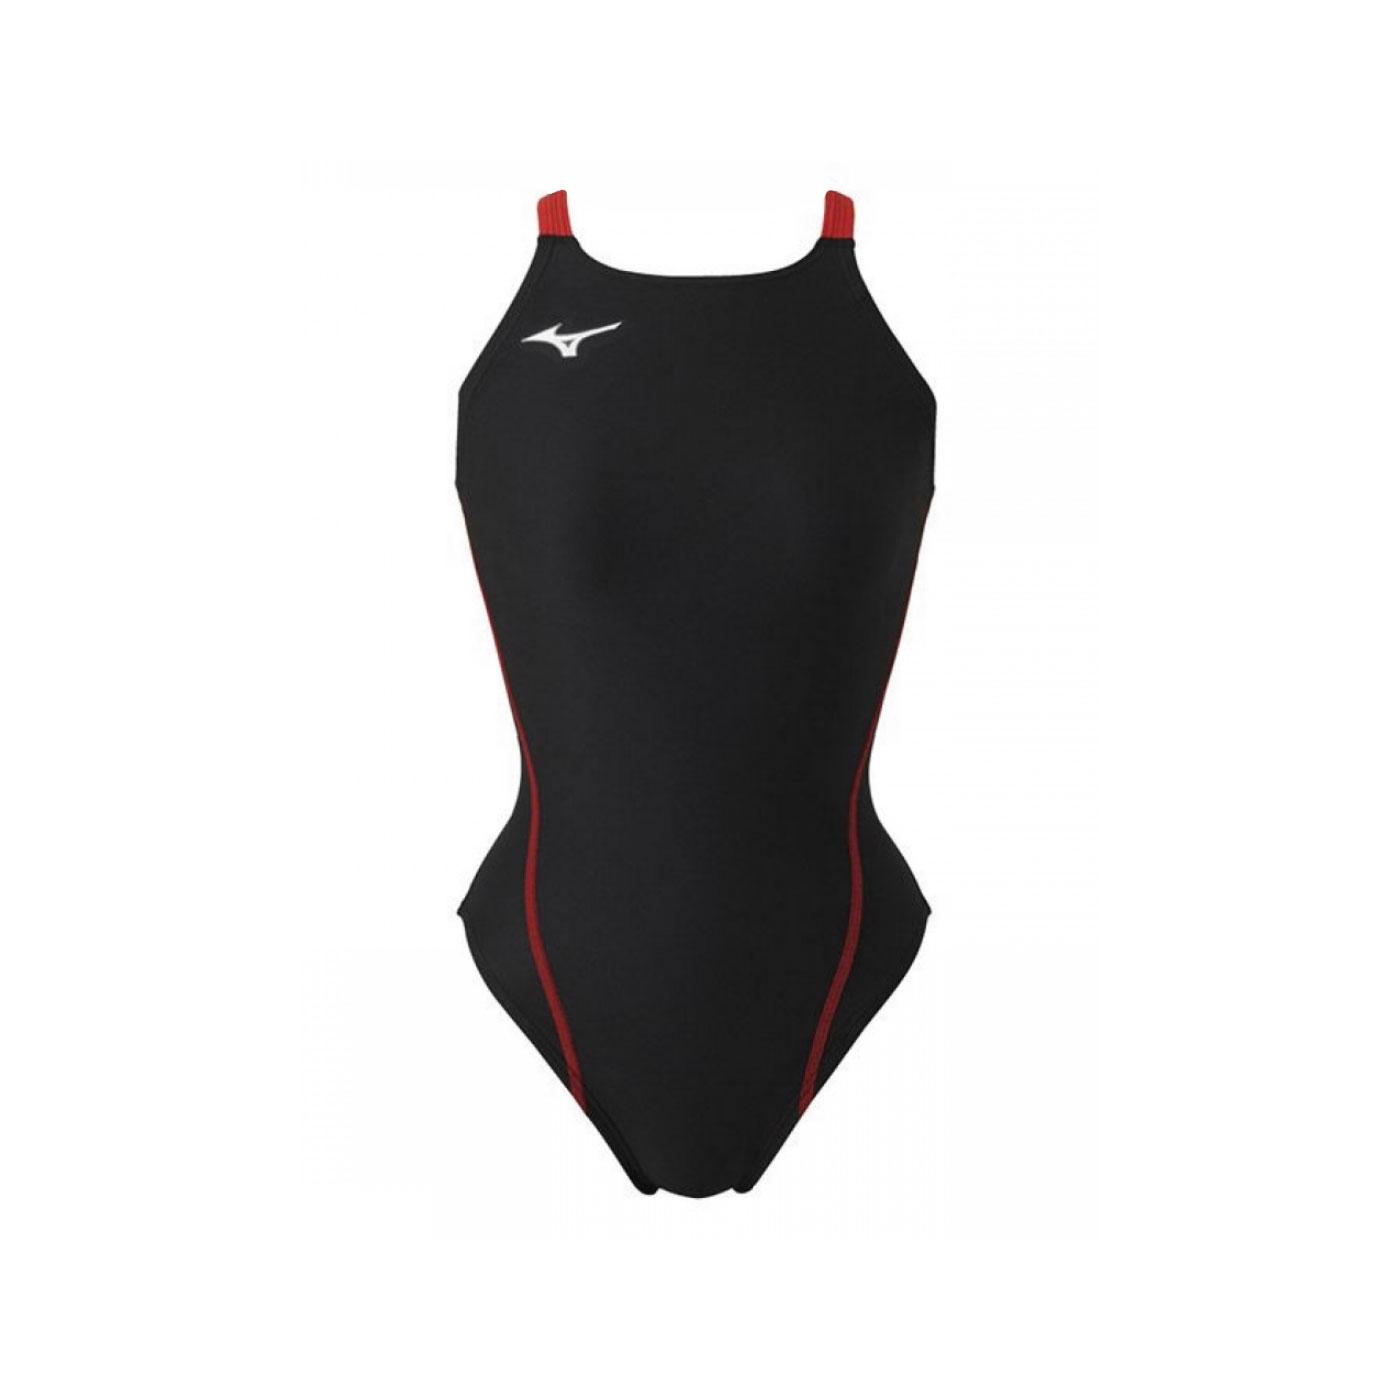 MIZUNO 女款連身泳衣  SWIMN2MA826196 - 黑紅